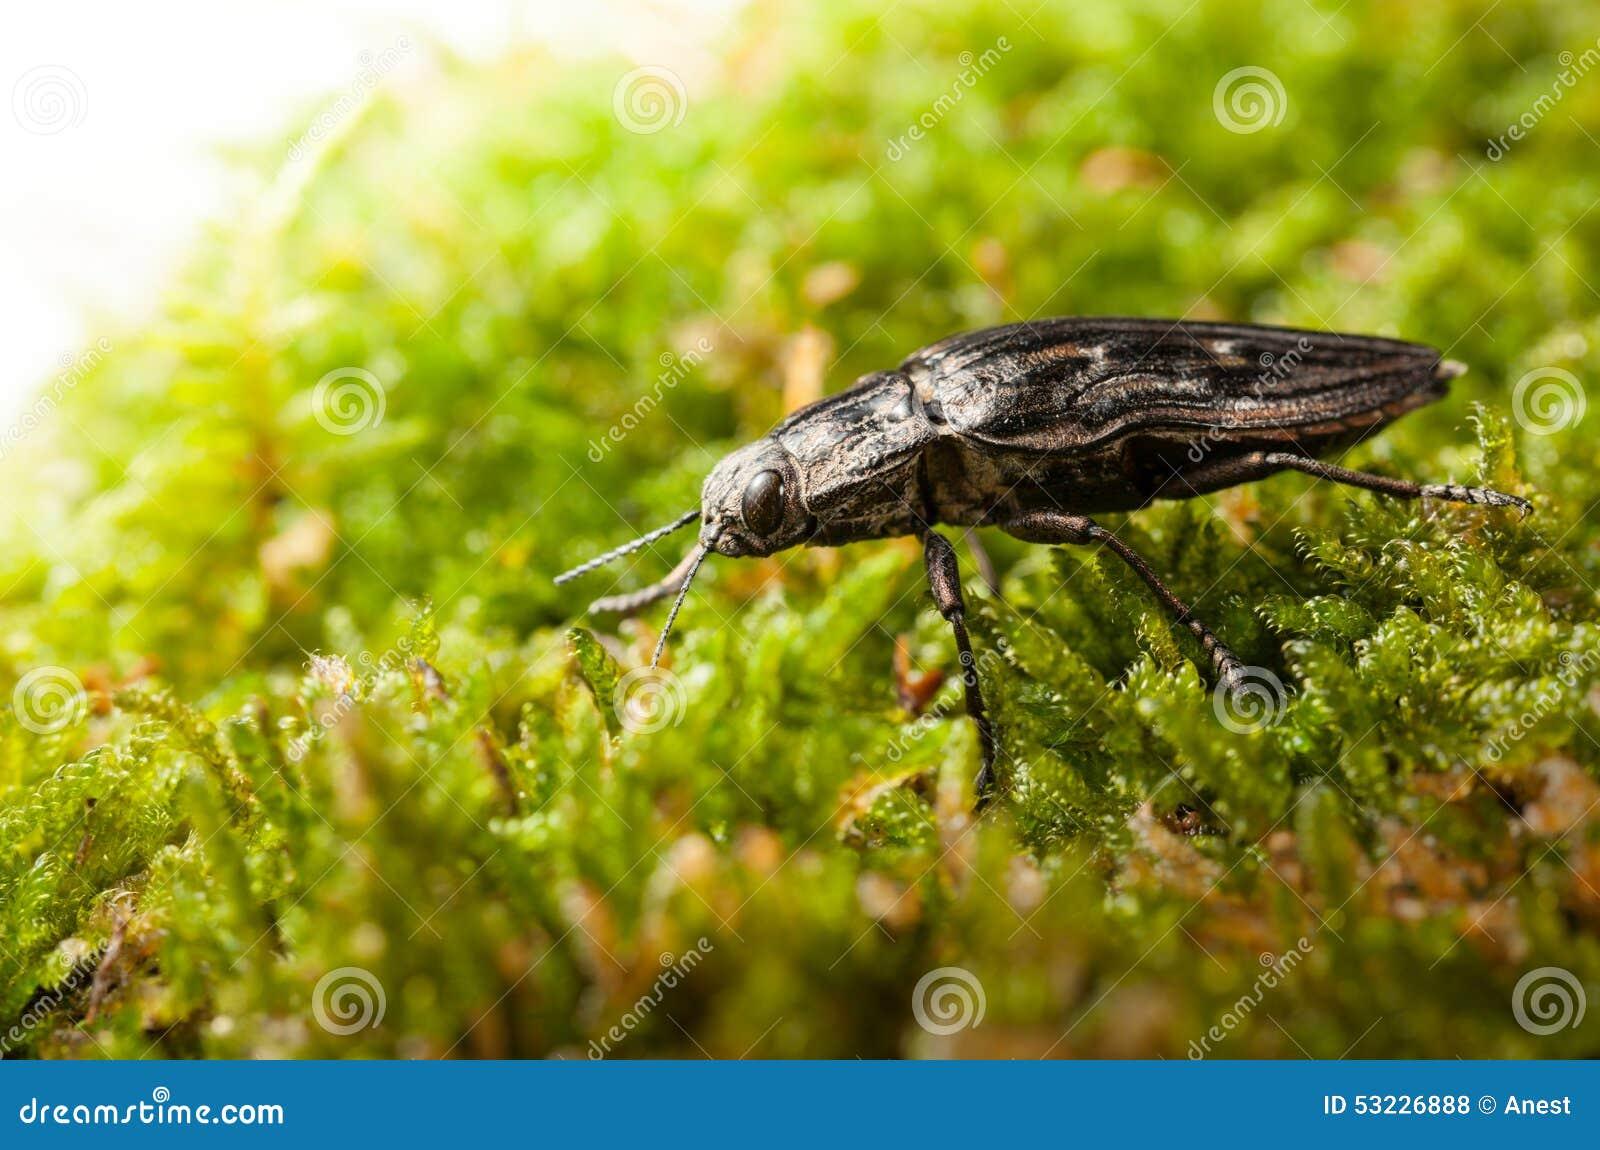 Escarabajo que sube a través de musgo verde